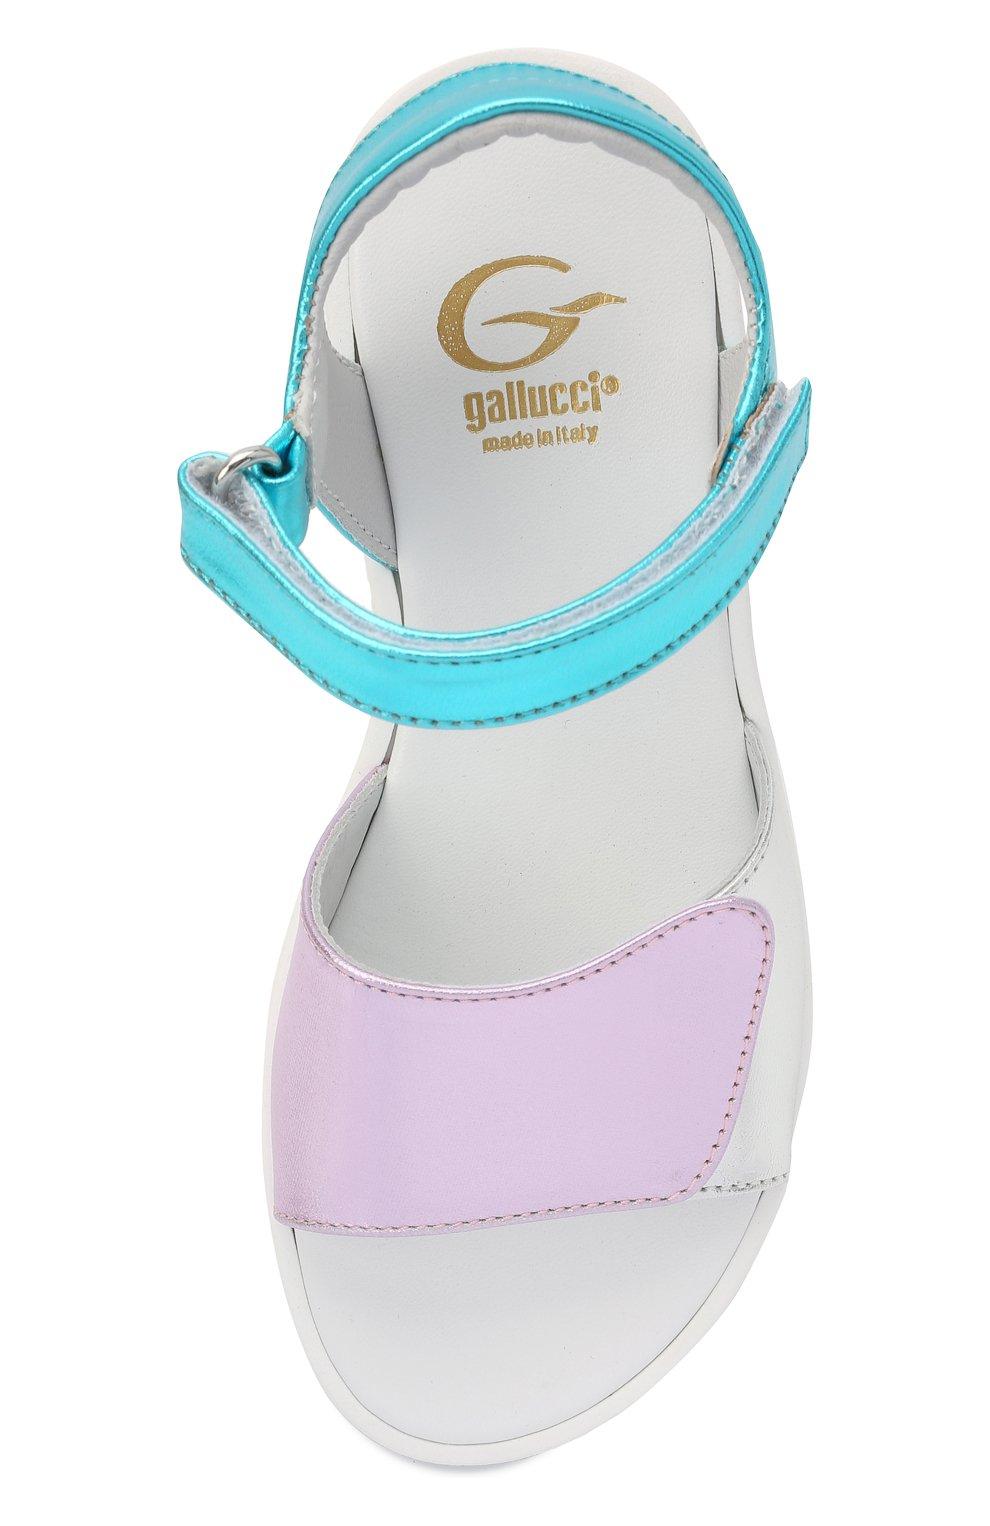 Детские кожаные босоножки GALLUCCI разноцветного цвета, арт. J004390M/SA P C G0M LAM/LAM/LAM | Фото 4 (Материал внутренний: Натуральная кожа)